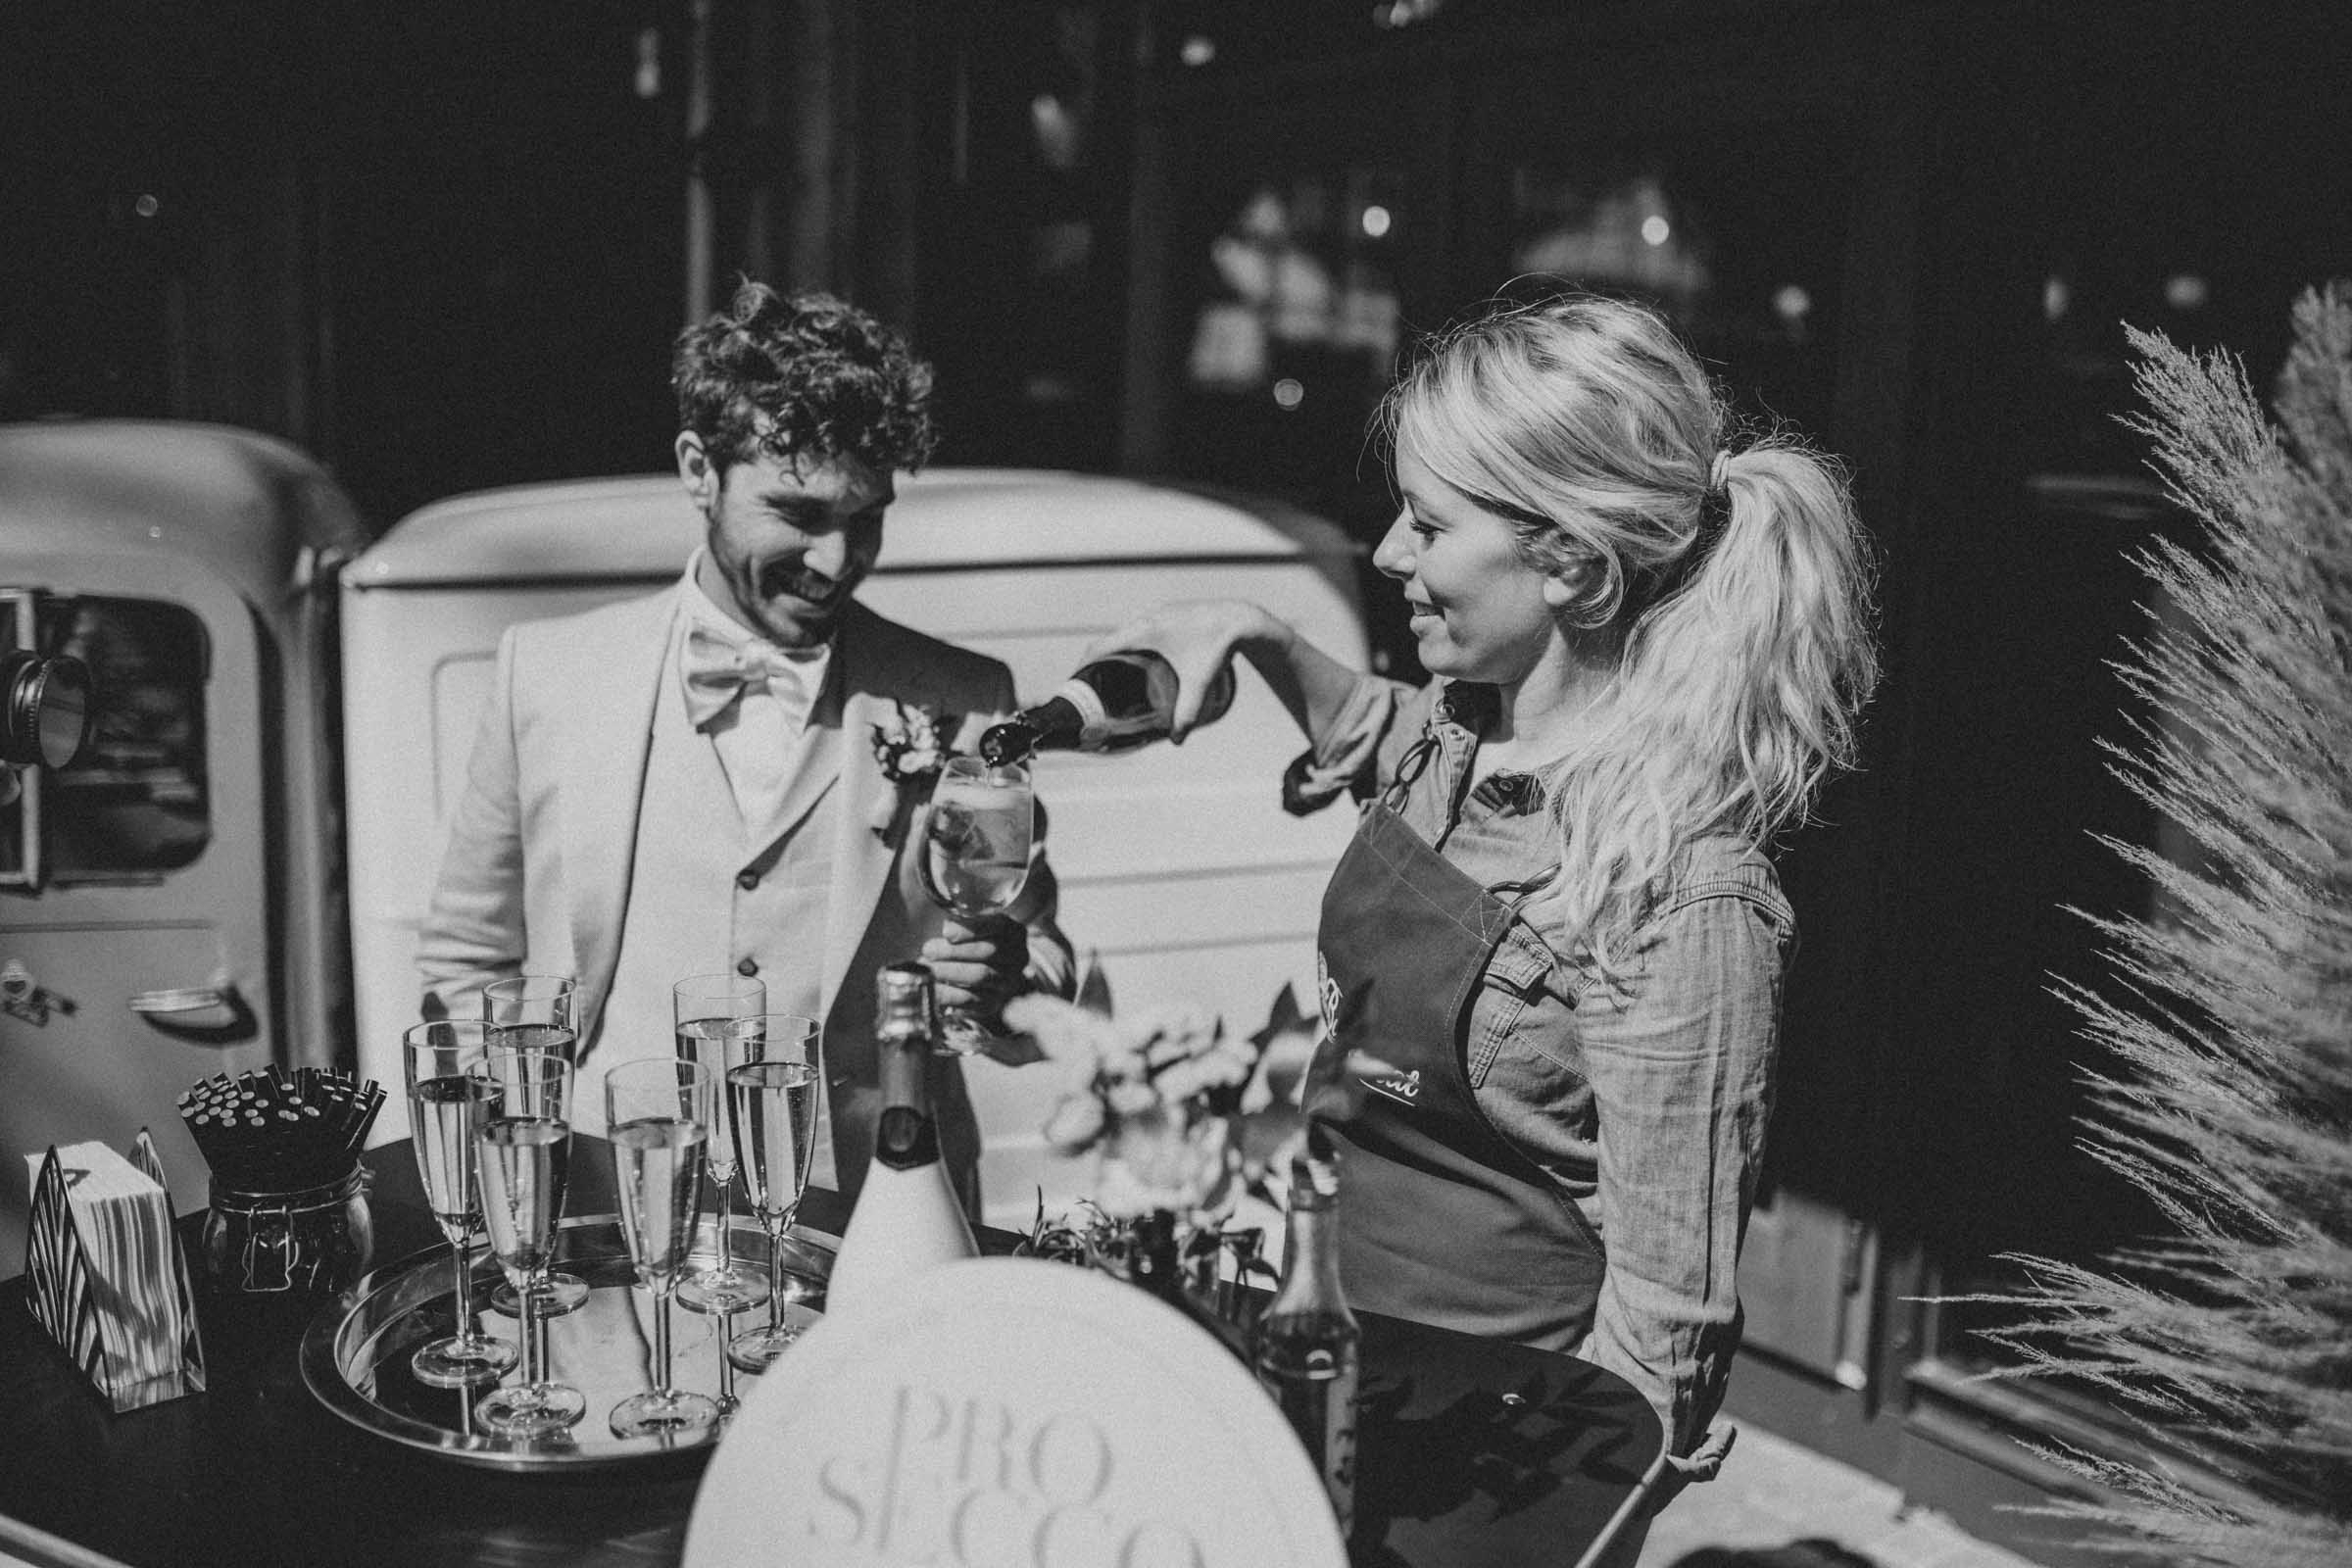 Mobile | Bar | Ape | VW | Bulli | Cocktailservice | Cocktail | Bus | Getränke | Catering | Foodtruck | Standesamt | Sektempfang | Hochzeit | Barkeeper | Firmenfeier | Event | Mieten | Buchen | Barformat